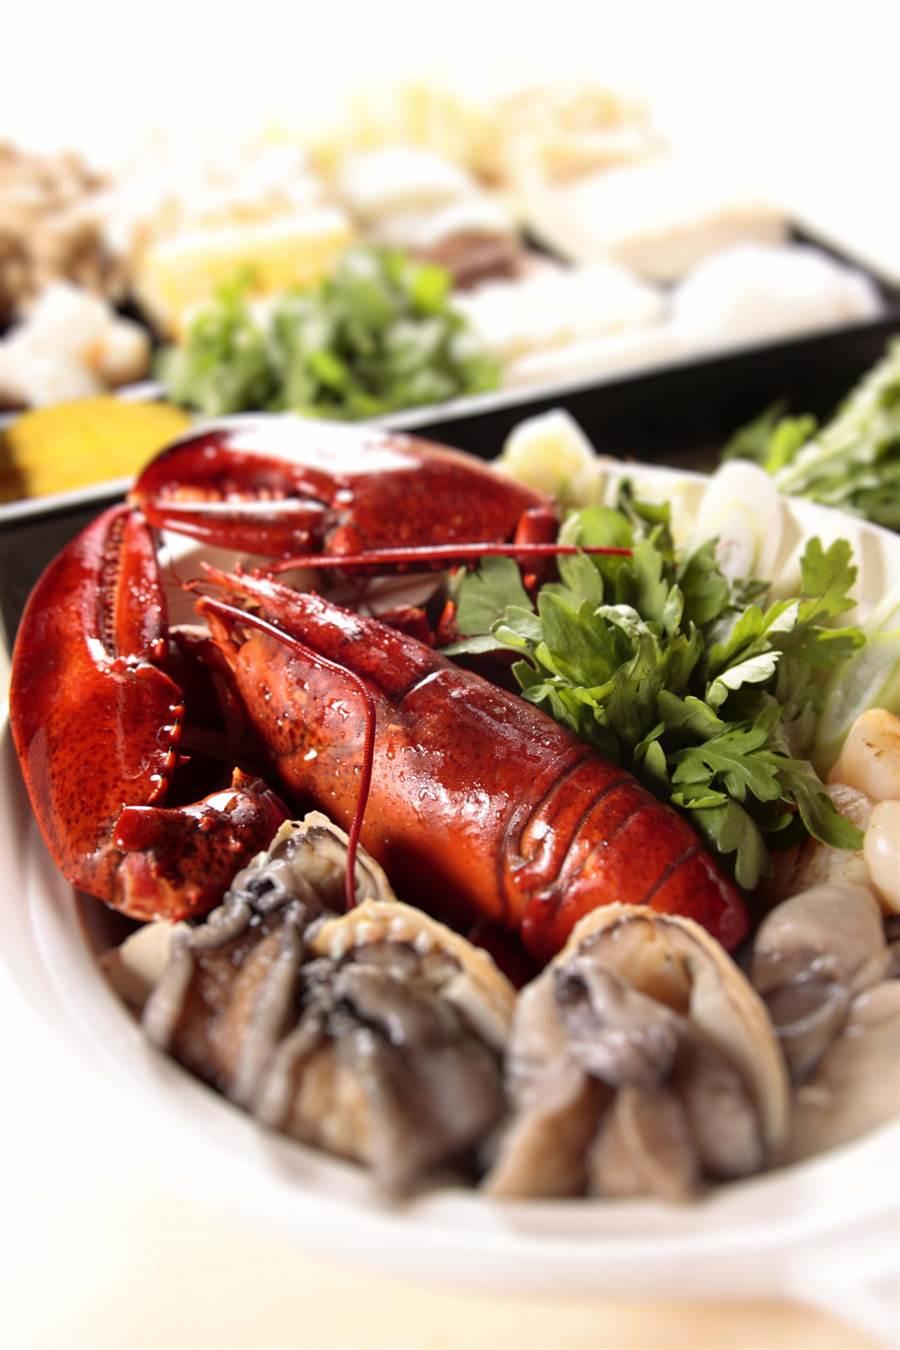 想同時享用海鮮與頂級肉品,可別錯過三燔日式火鍋集/圖片由遠東百貨提供